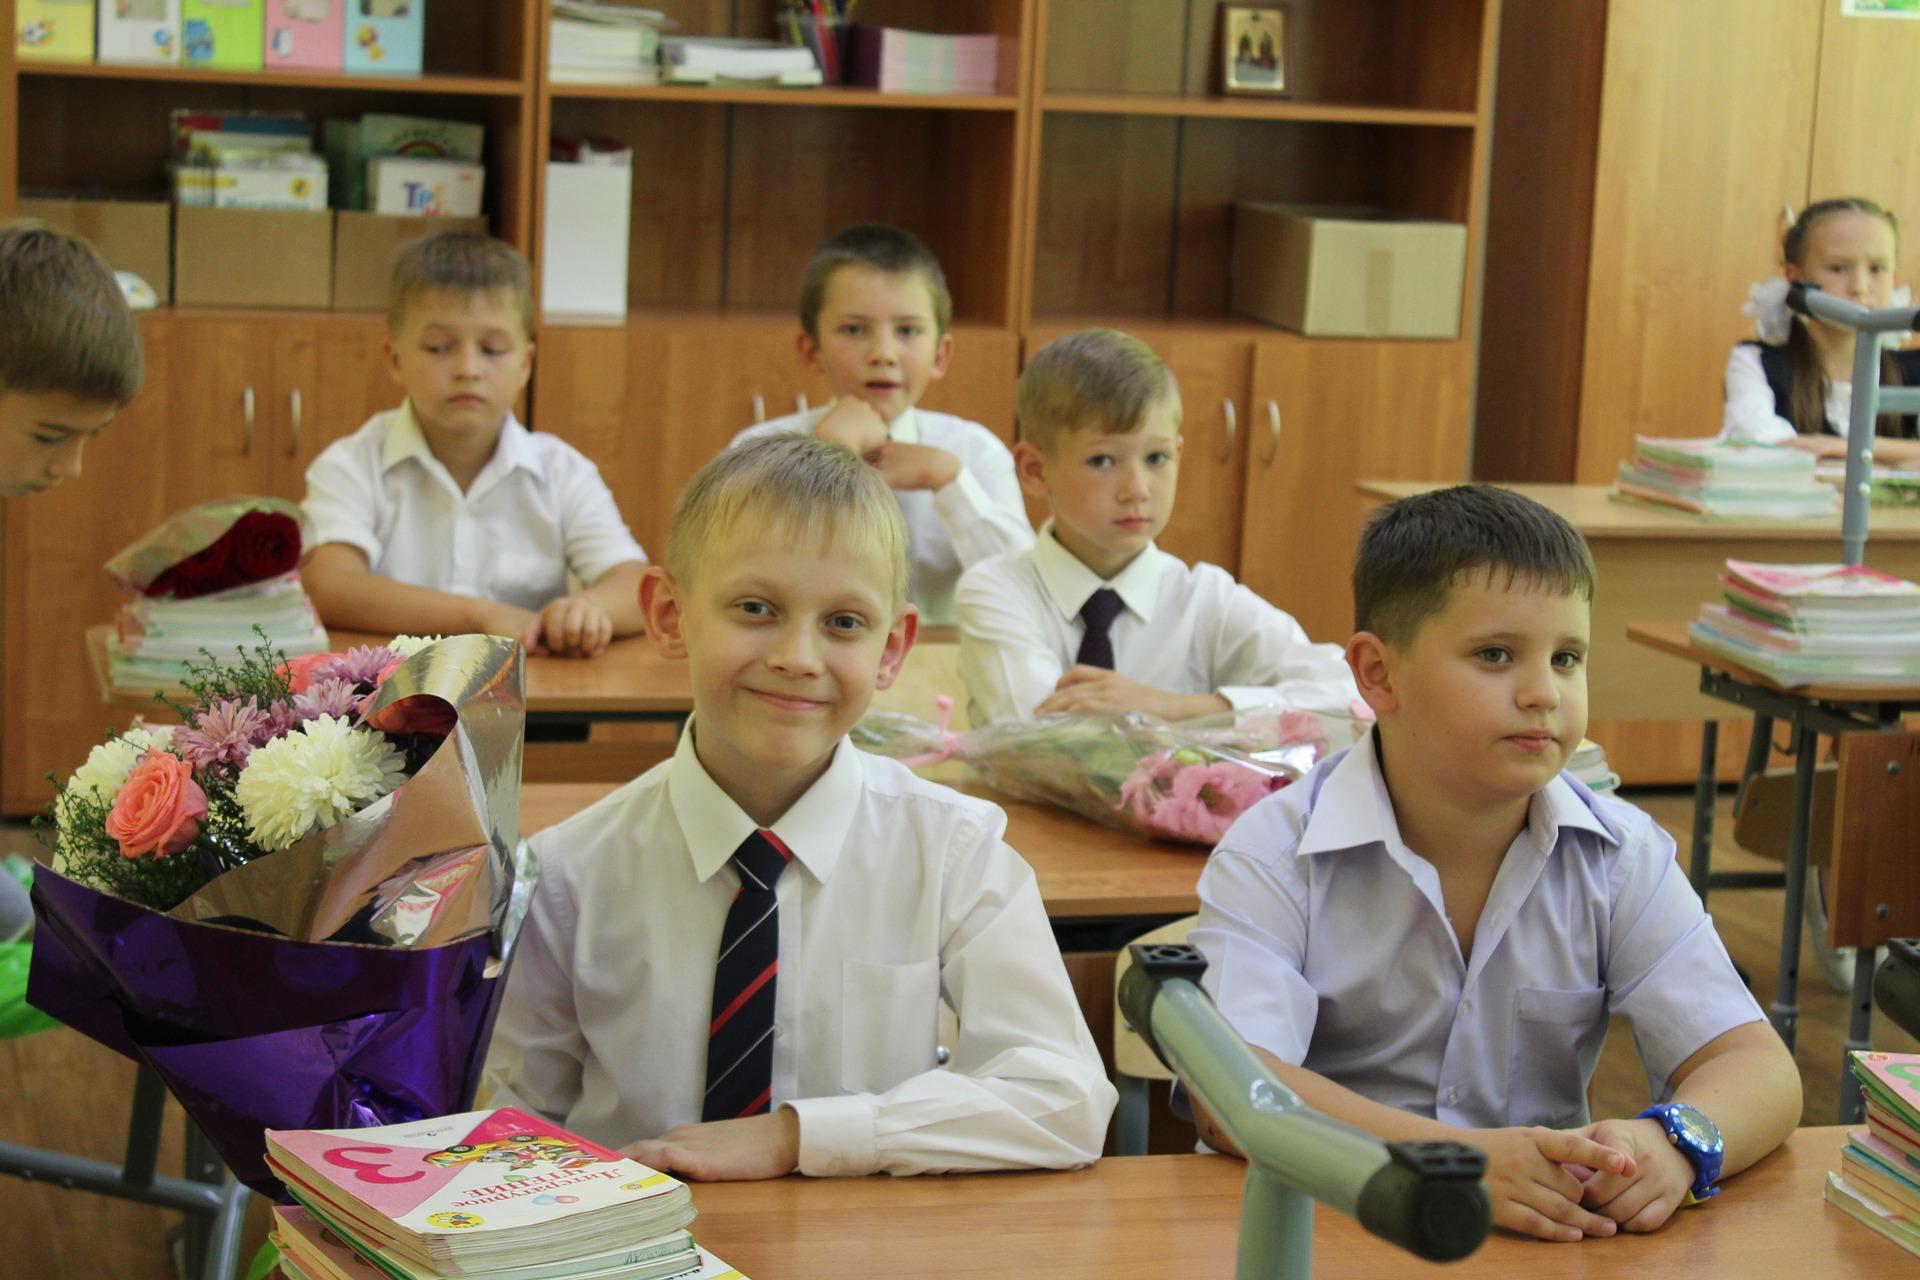 POWIAT KOLBUSZOWSKI. Ponad 5,5 tys. uczniów poszło do szkół w tym roku [RAPORT] - Zdjęcie główne